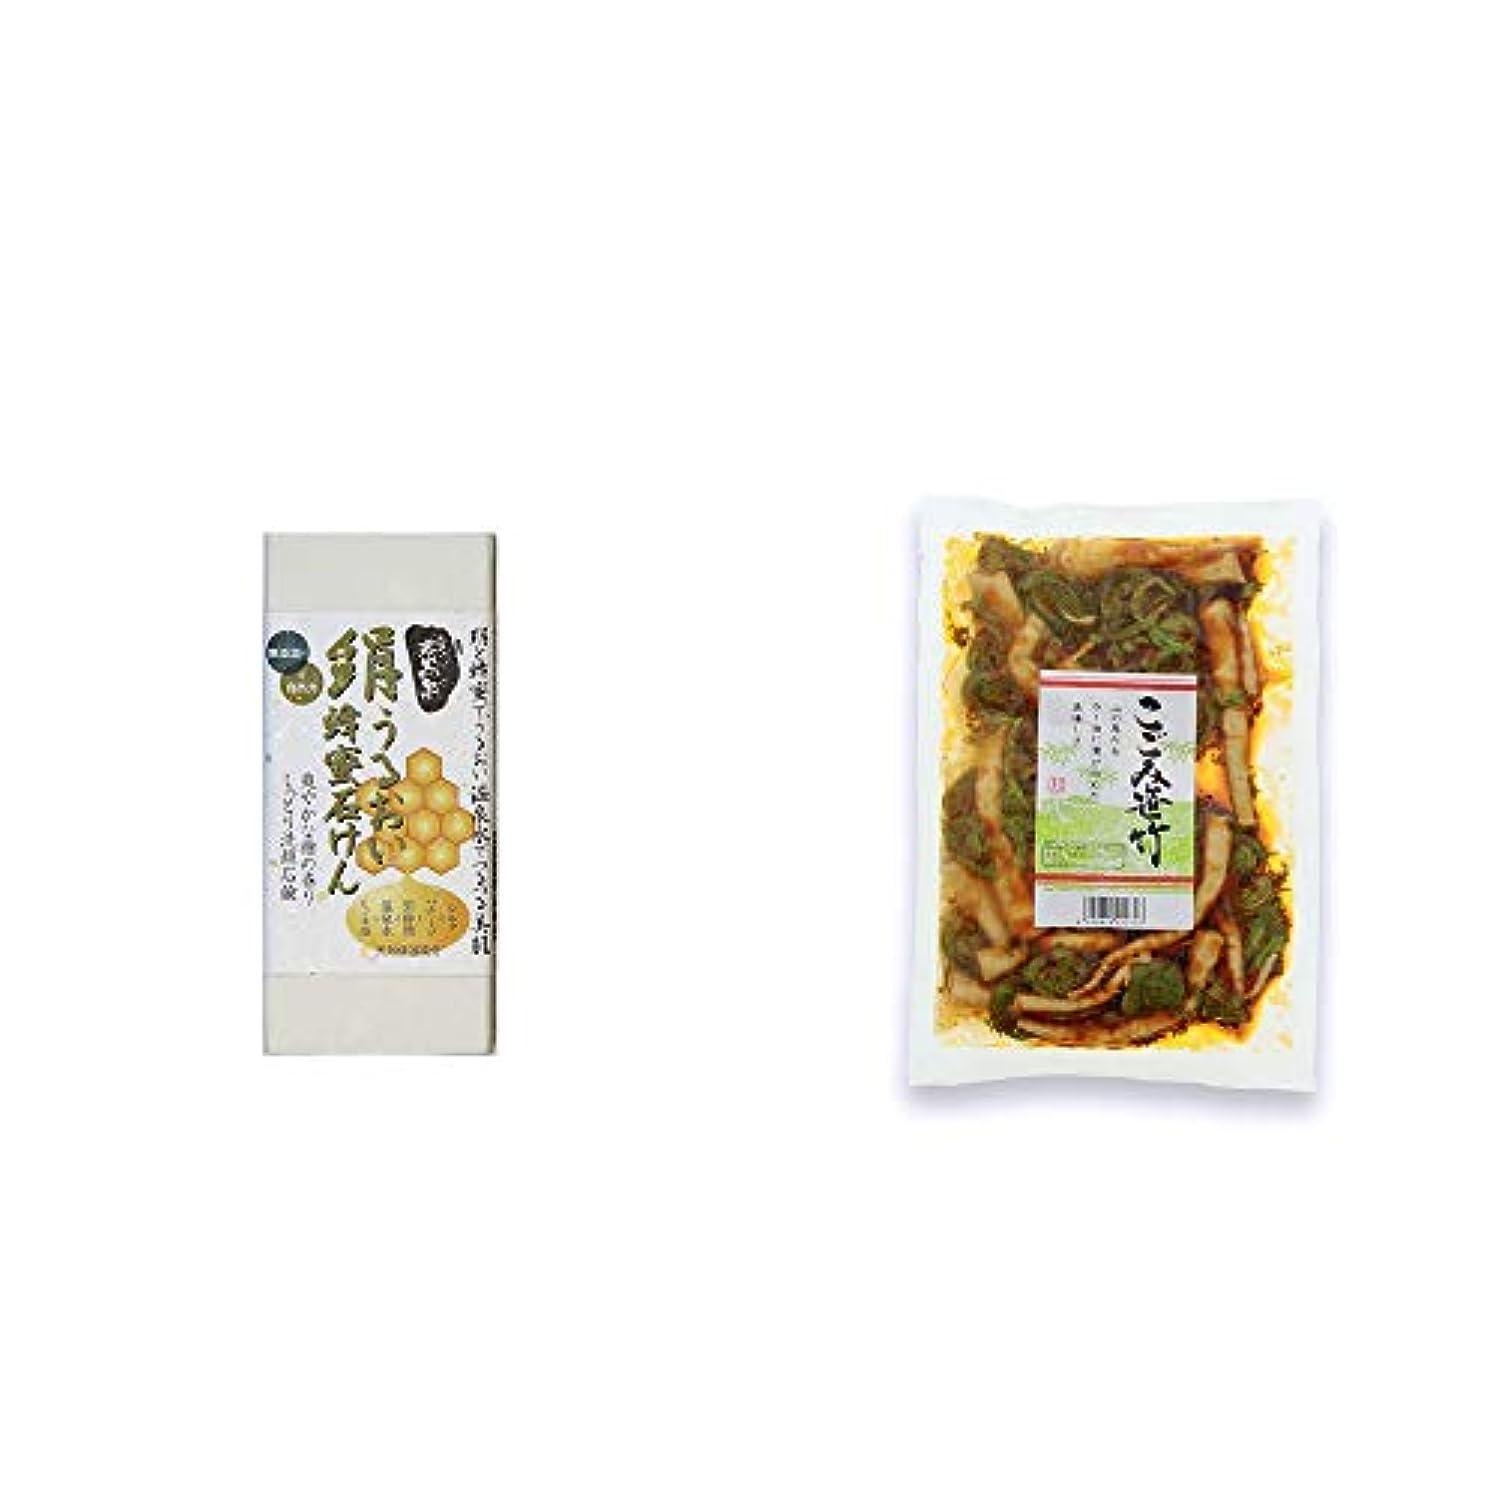 セメントぼかす減らす[2点セット] ひのき炭黒泉 絹うるおい蜂蜜石けん(75g×2)?こごみ笹竹(250g)